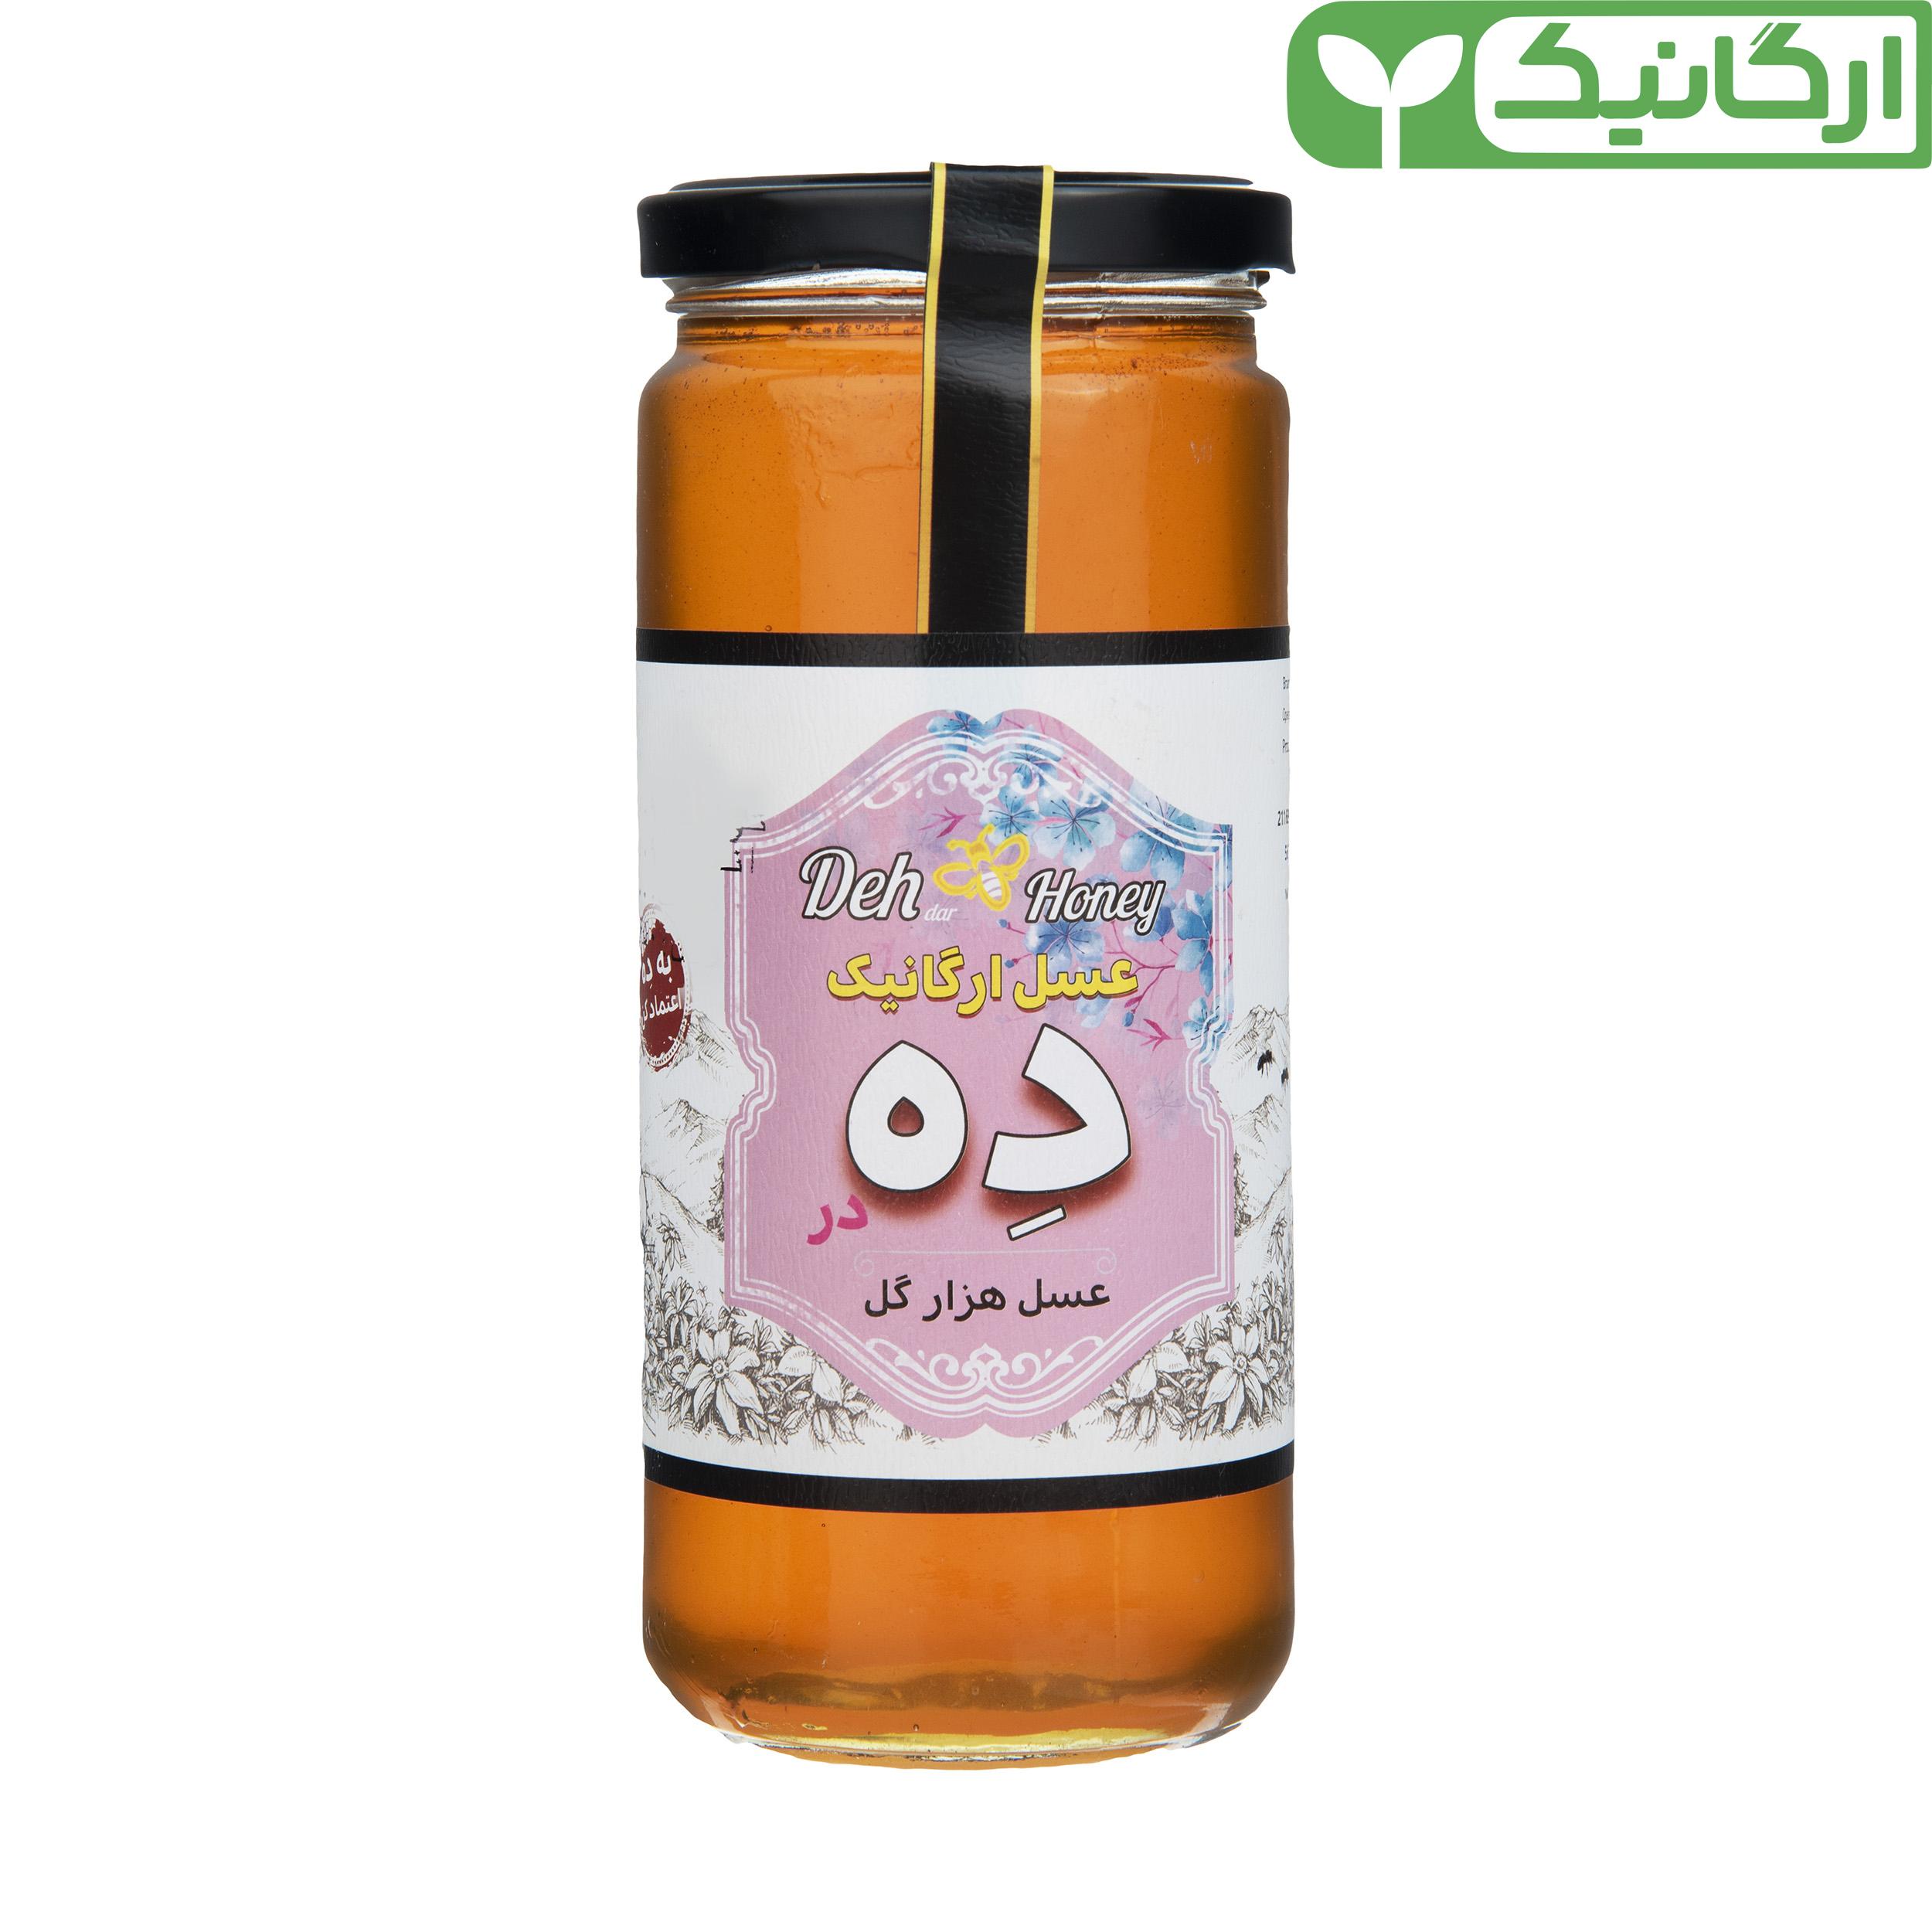 عسل هزار گل ارگانیک ده در - 650 گرم